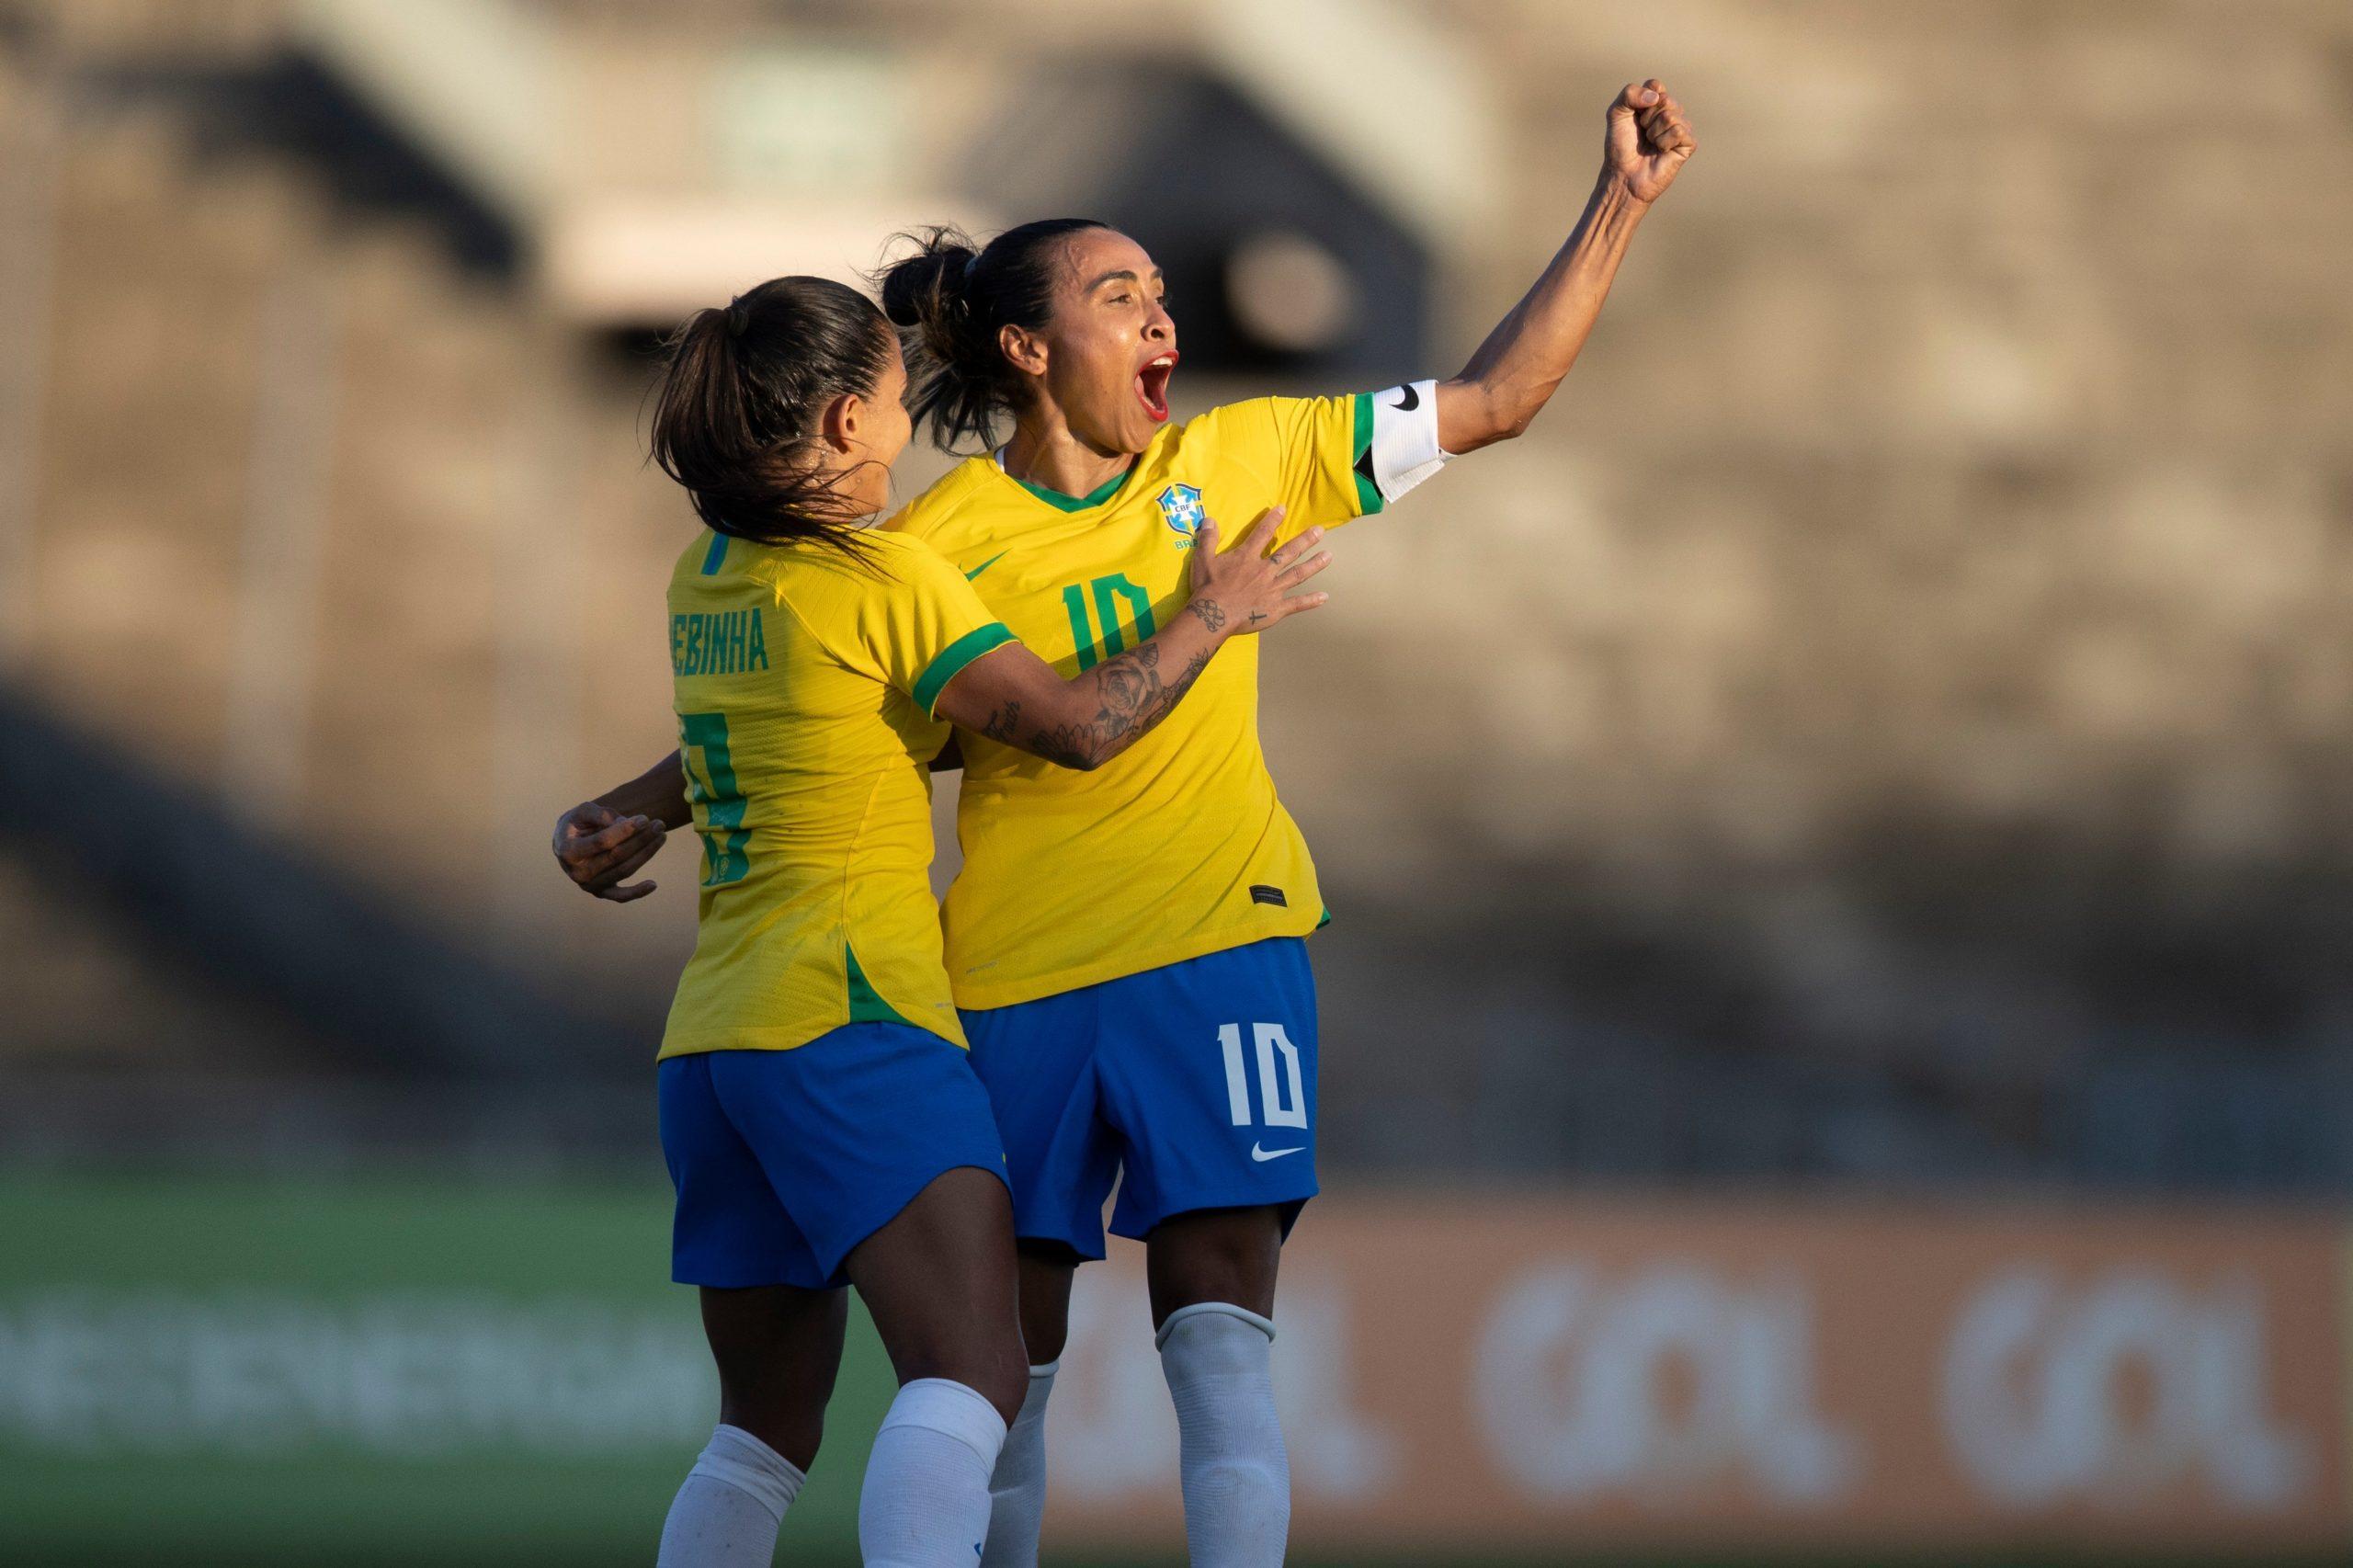 Seleção Brasileira feminina goleia a Argentina por 4 a 1 e conquista segunda vitória seguida em amistoso na Paraíba